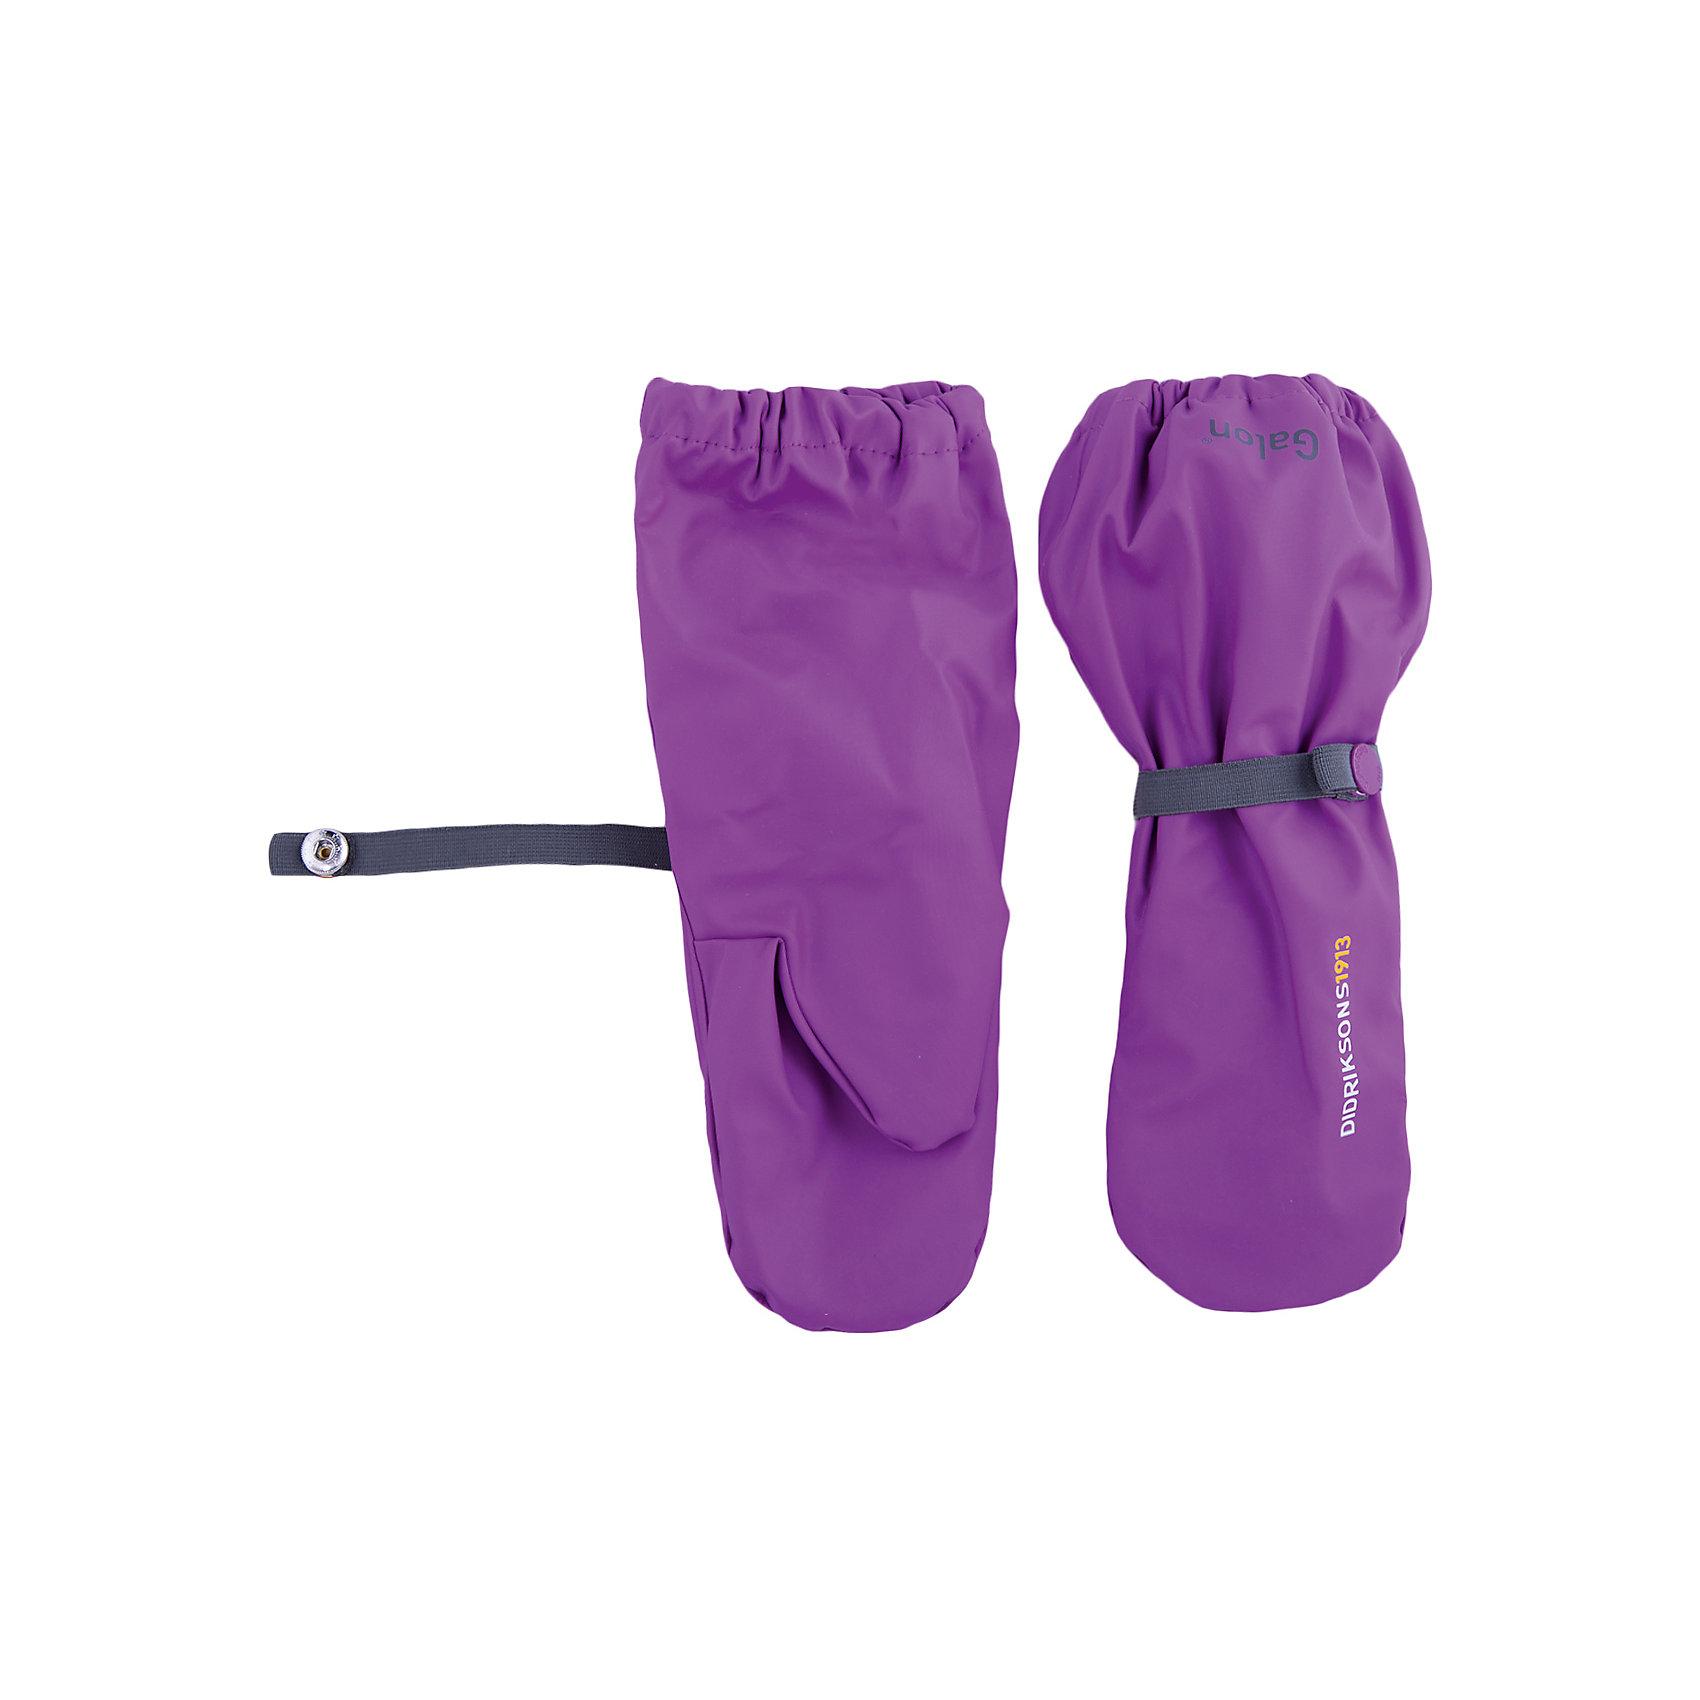 Варежки PILEGLOVE DIDRIKSONS для девочкиПерчатки, варежки<br>Характеристики товара:<br><br>• цвет: фиолетовый<br>• состав ткани: 100% полиуретан<br>• подкладка: 100% полиэстер (флис)<br>• утеплитель: нет<br>• сезон: демисезон<br>• температурный режим: от 0 до +5<br>• влагонепроницаемость: 8000 мм <br>• пропаянные швы<br>• непродуваемые<br>• застежка: резинка<br>• страна бренда: Швеция<br>• страна изготовитель: Китай<br><br>Яркие демисезонные варежки плотно держатся на руке благодаря удобному фиксатору. Эти непромокаемые варежки для ребенка отличаются модным дизайном. Простые в уходе варежки сделаны из легкого износостойкого материала. Плотный материал таких детских варежек обеспечит защиту от холода и промокания. <br><br>Варежки для девочки Pileglove Didriksons (Дидриксонс) можно купить в нашем интернет-магазине.<br><br>Ширина мм: 162<br>Глубина мм: 171<br>Высота мм: 55<br>Вес г: 119<br>Цвет: фиолетовый<br>Возраст от месяцев: 8<br>Возраст до месяцев: 24<br>Пол: Женский<br>Возраст: Детский<br>Размер: 0,6,4,2<br>SKU: 7044801